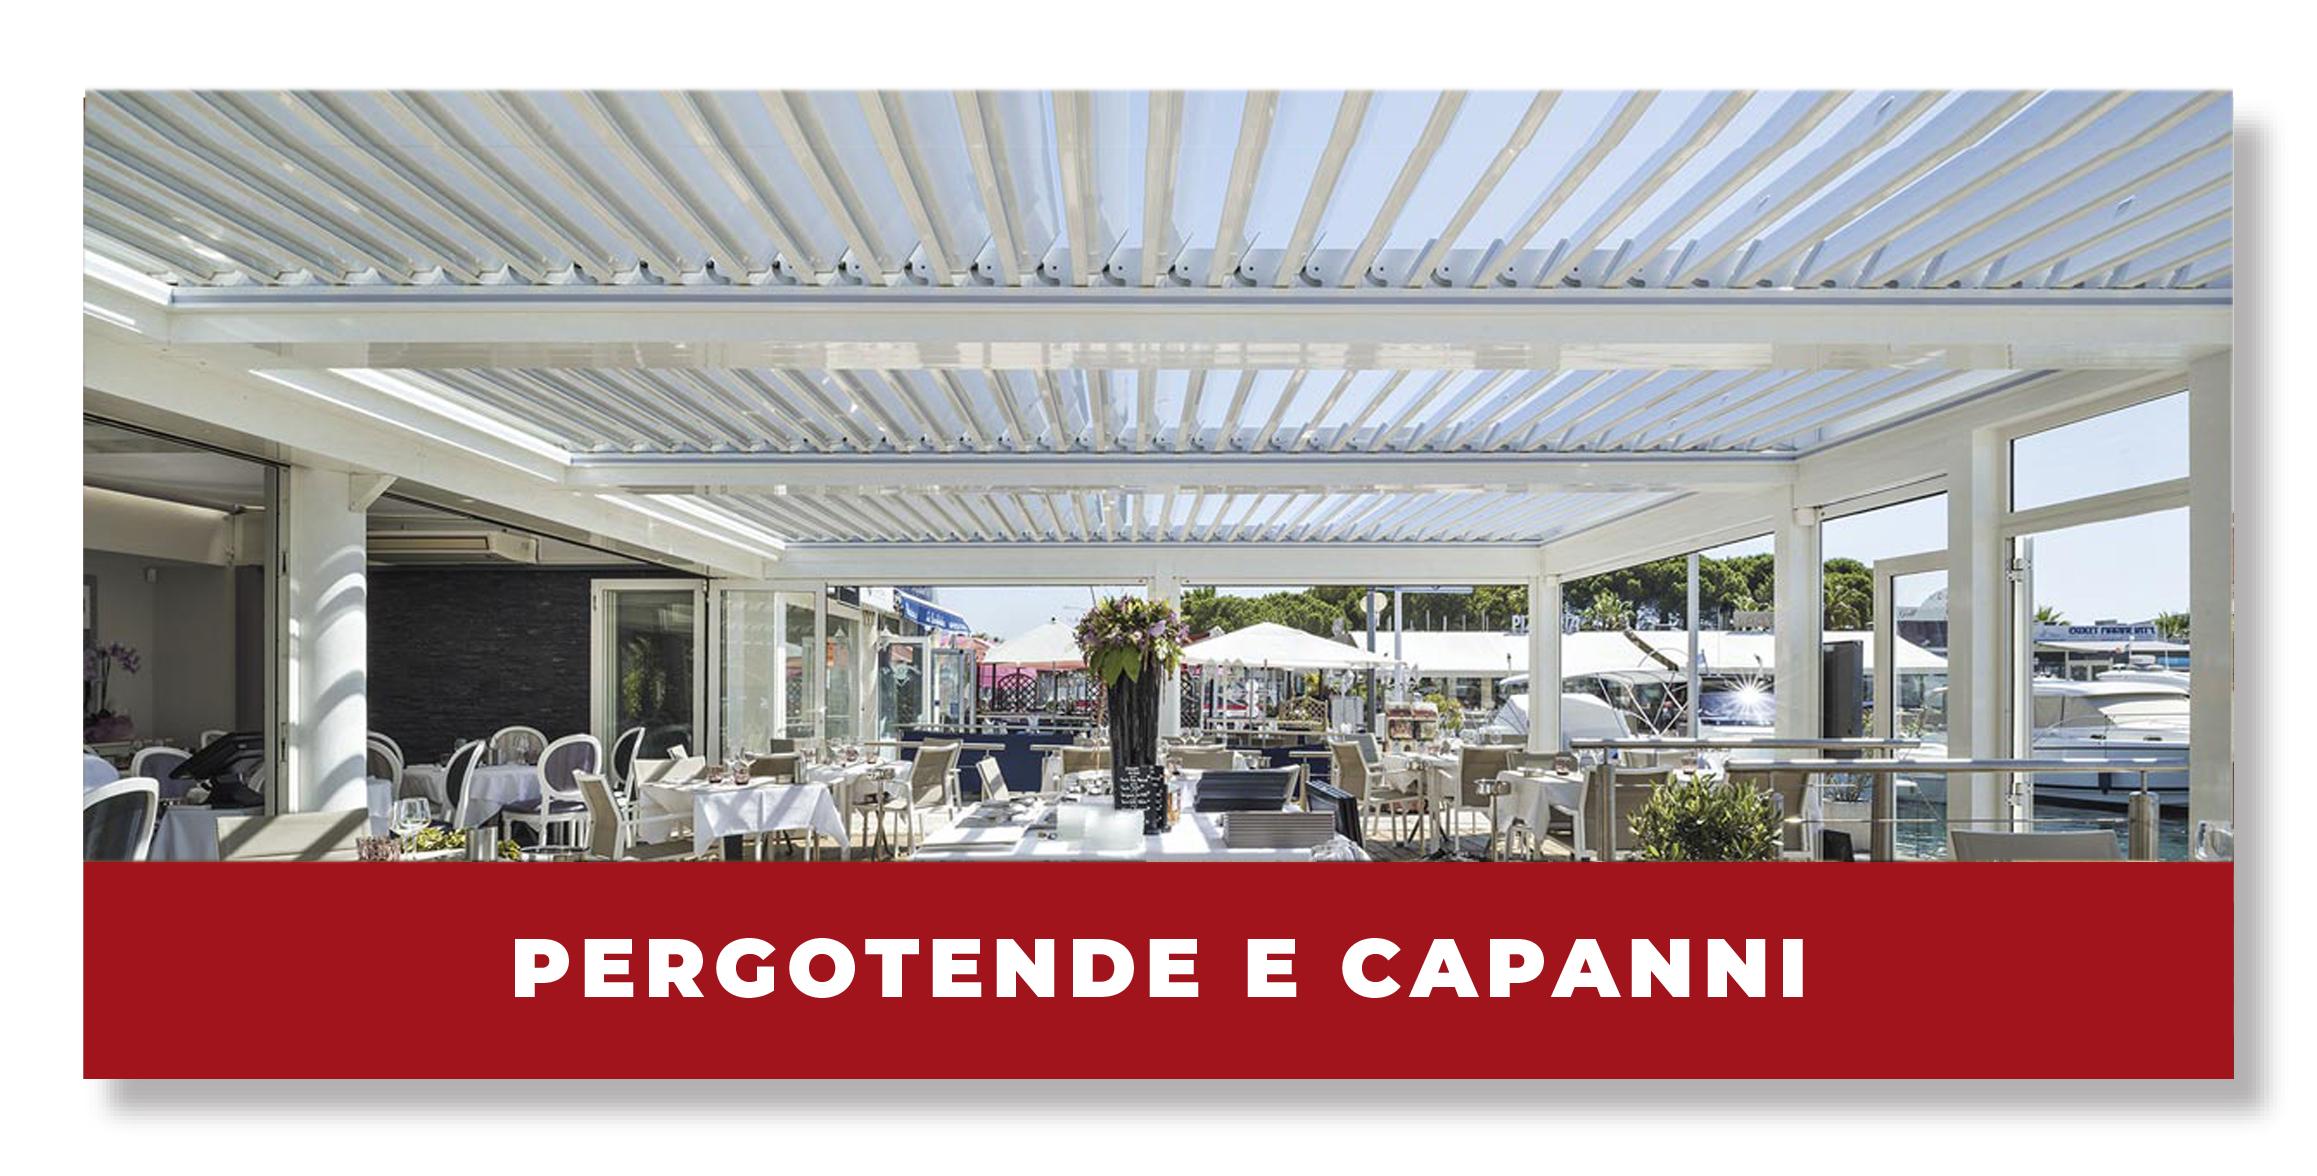 pergotende e capanni vendita installazione produzione su misura torino nuova rolltende attiivtà ristoranti bar hotel.jpg